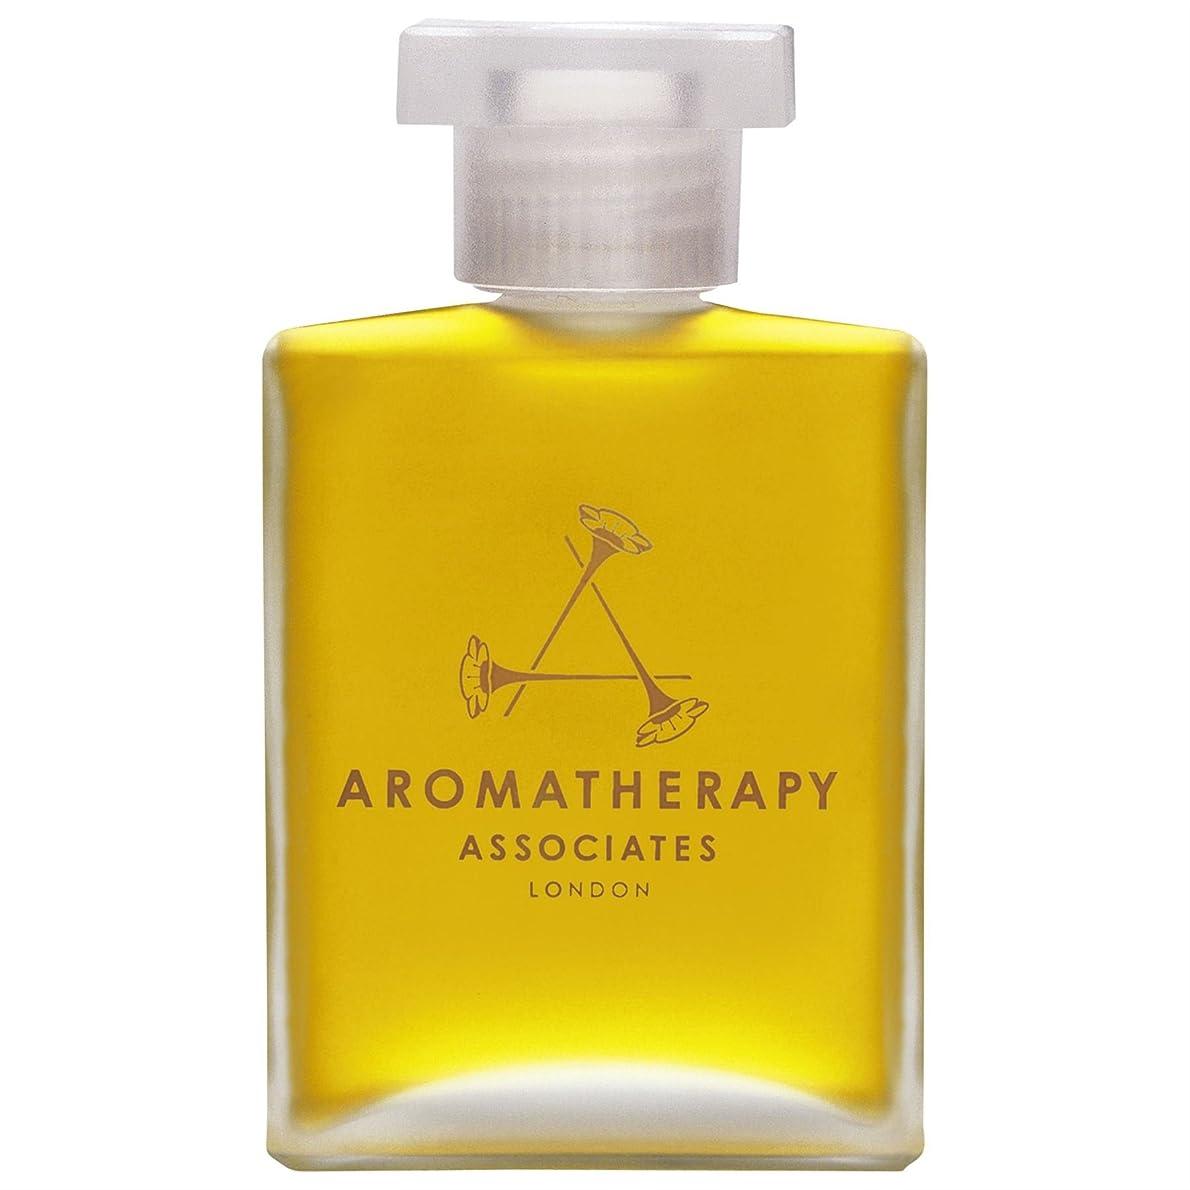 事前に道路を作るプロセス大使[Aromatherapy Associates ] アロマセラピーアソシエイツは、朝のお風呂とシャワーオイル55ミリリットルを復活させます - Aromatherapy Associates Revive Morning Bath and Shower Oil 55ml [並行輸入品]